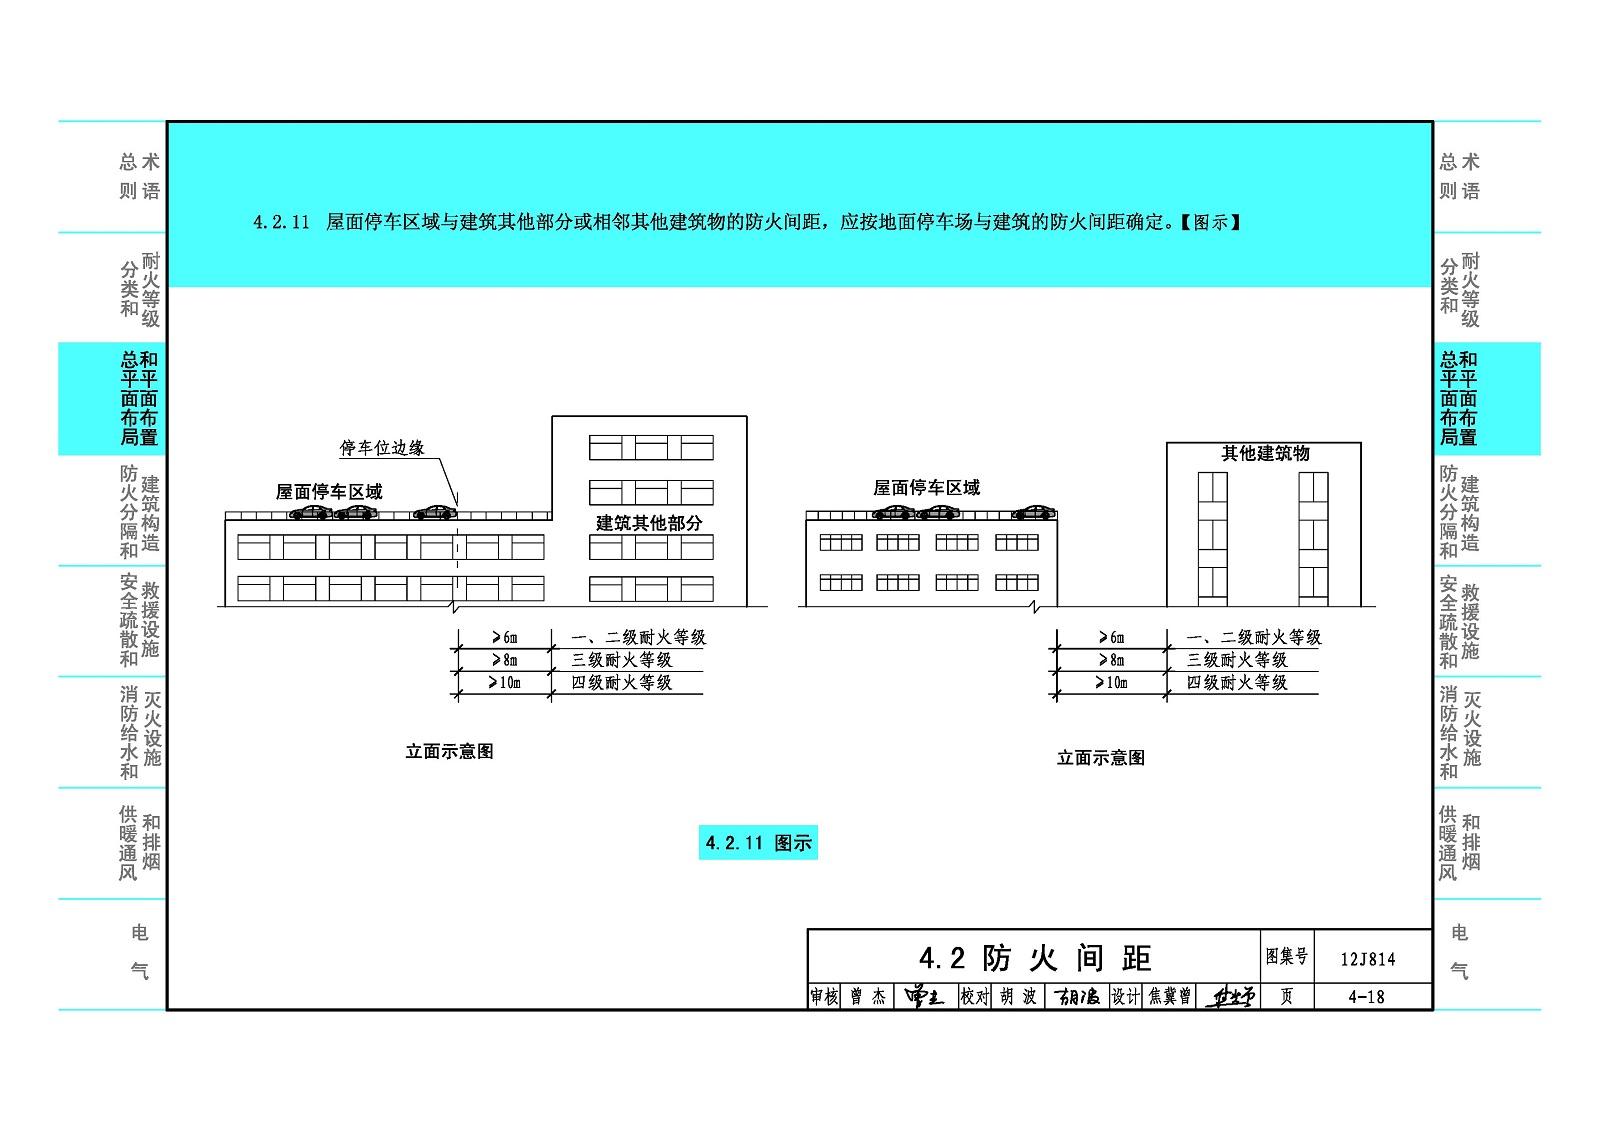 12j814:《汽车库,修车库,停车场设计防火规范》图示